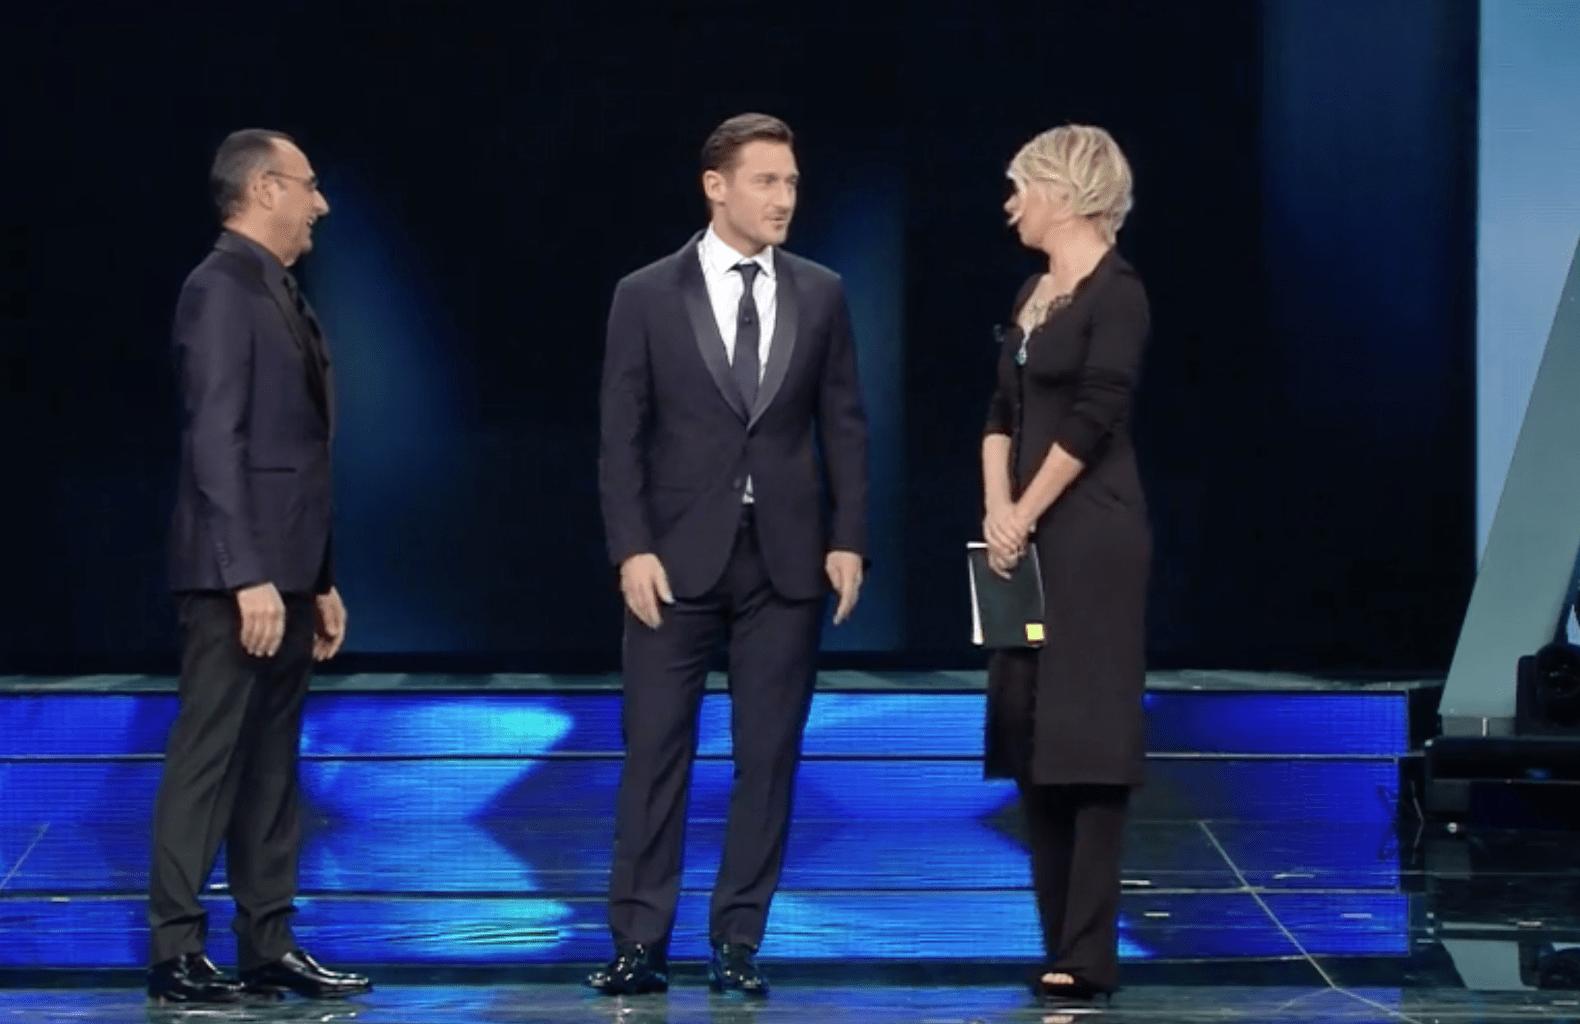 Sanremo, Totti presentatore sbaglia il nome dell'autore e scherza su Ilary